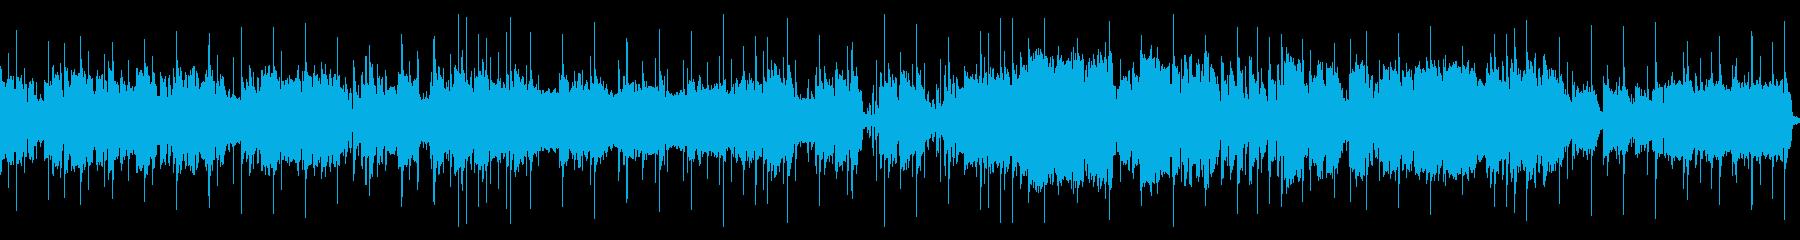 響くサックスの音色を楽しむスローロックの再生済みの波形